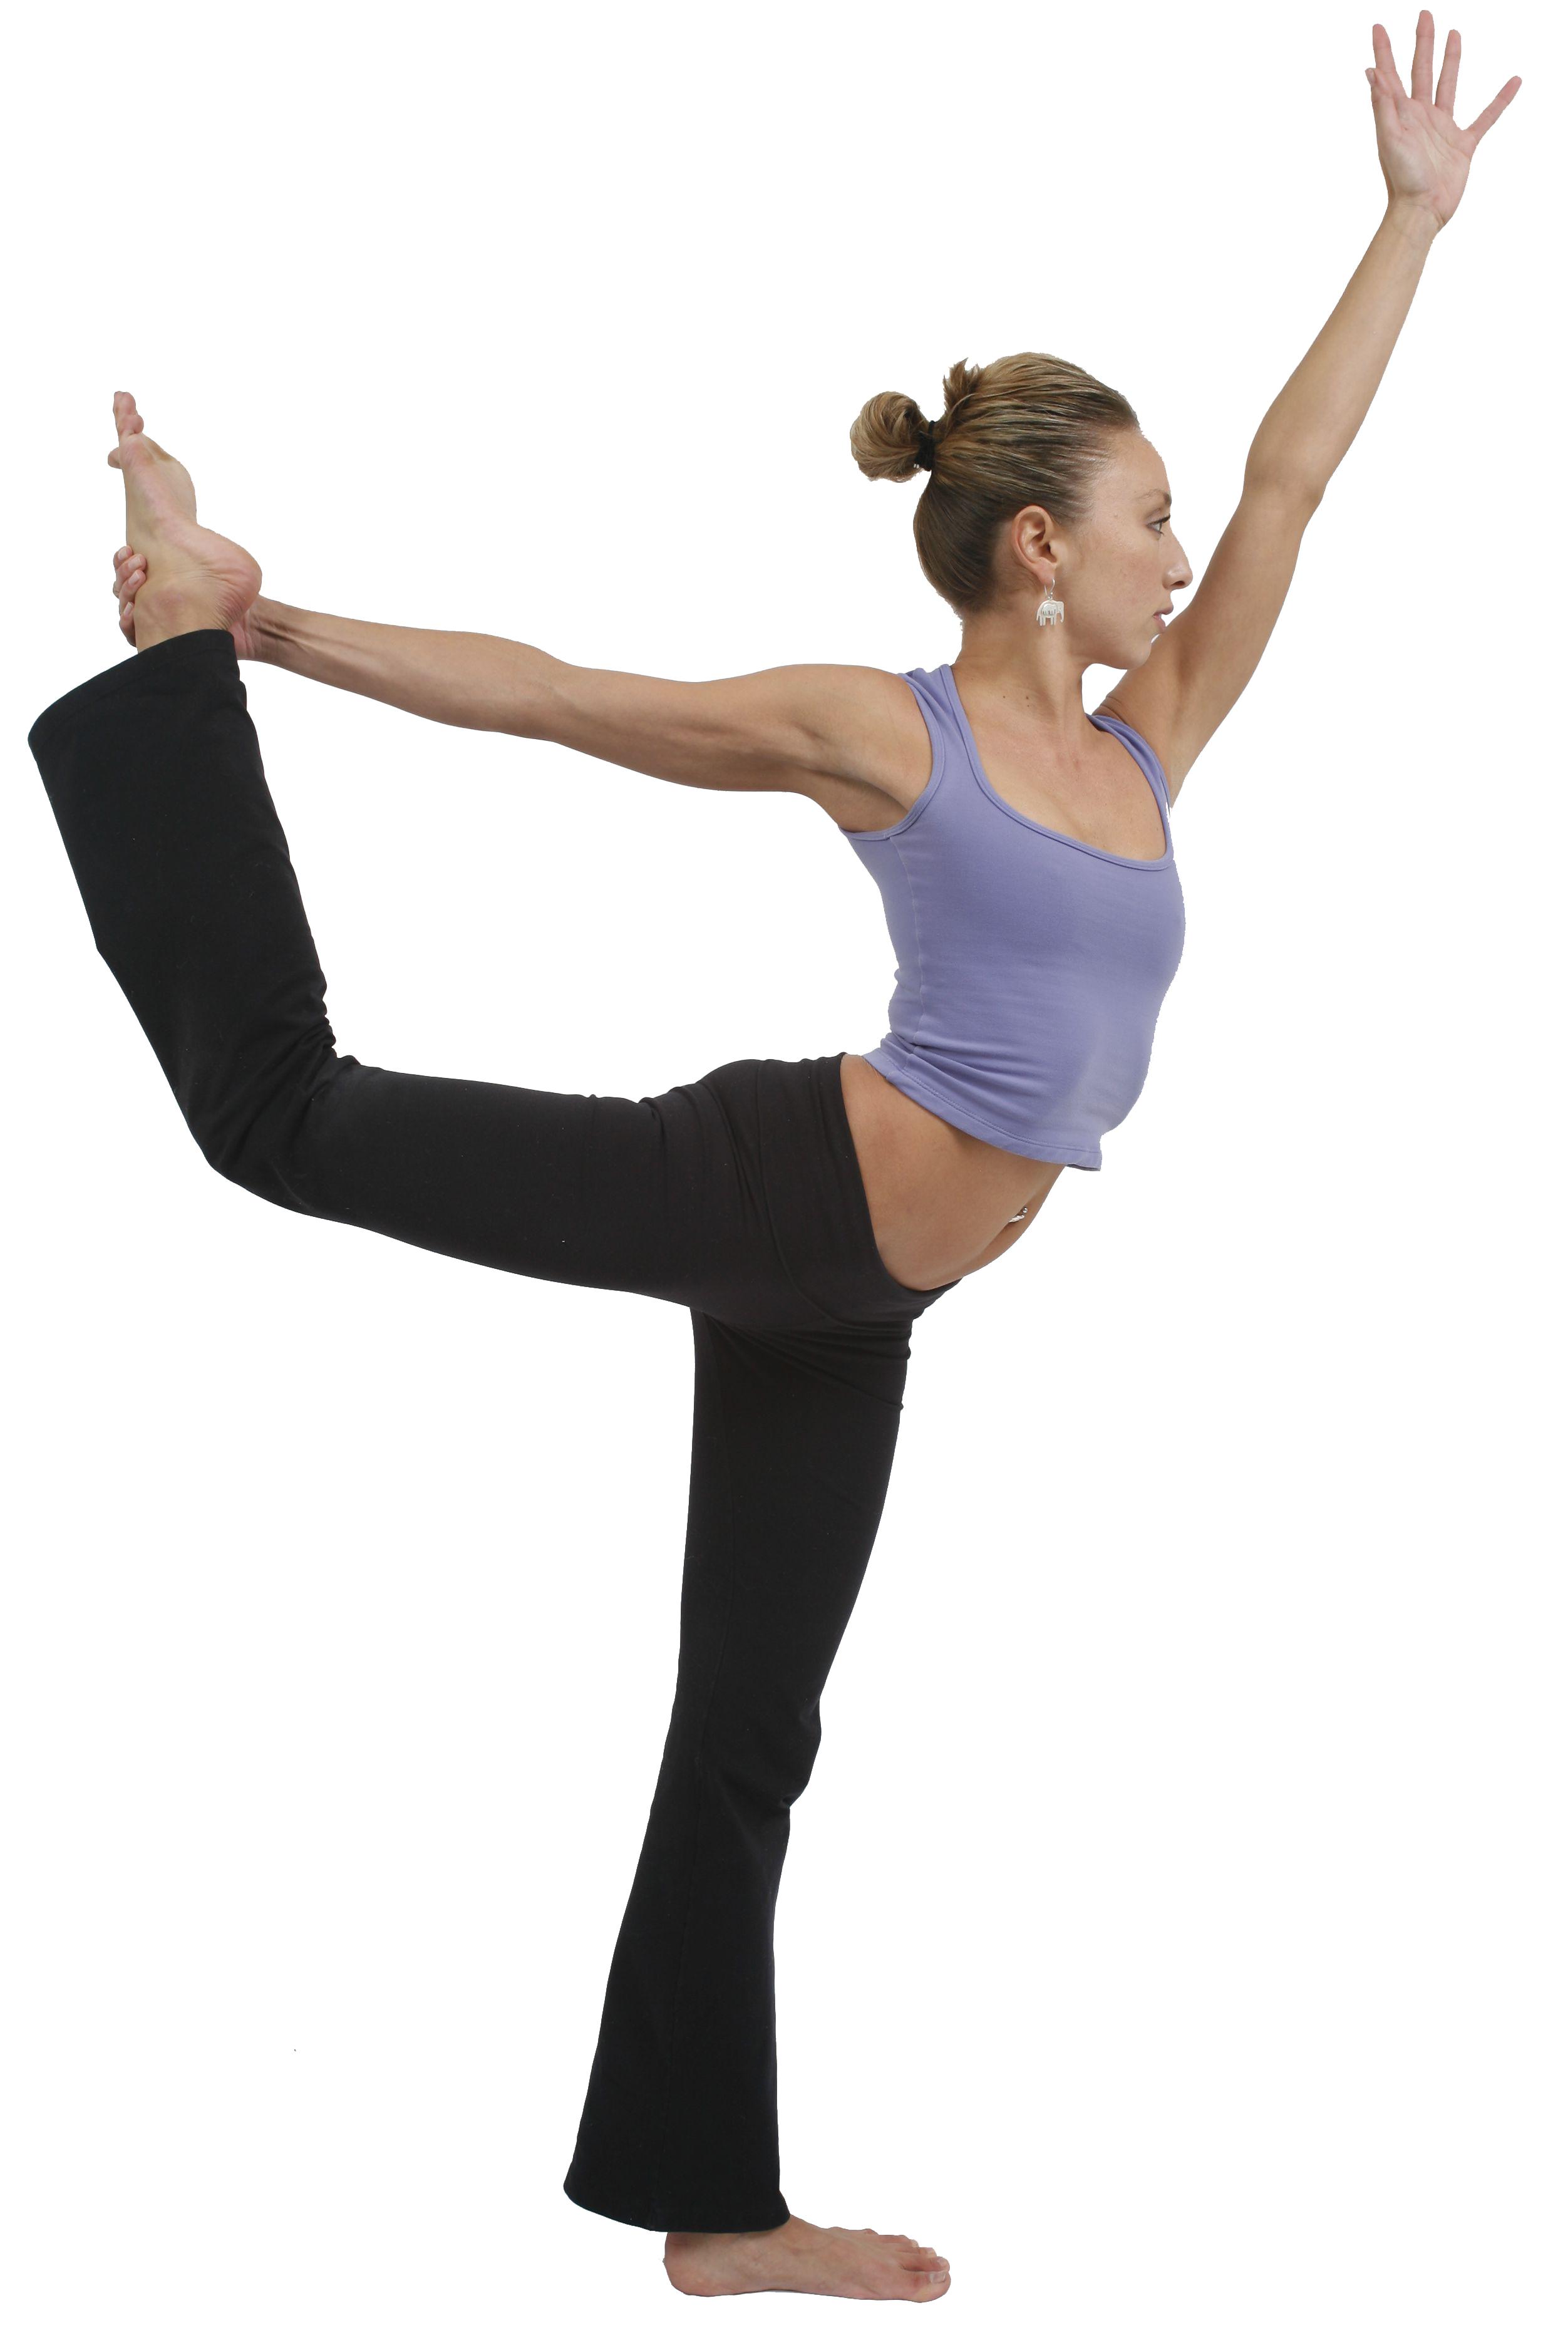 Dancers Pose Pose Guide